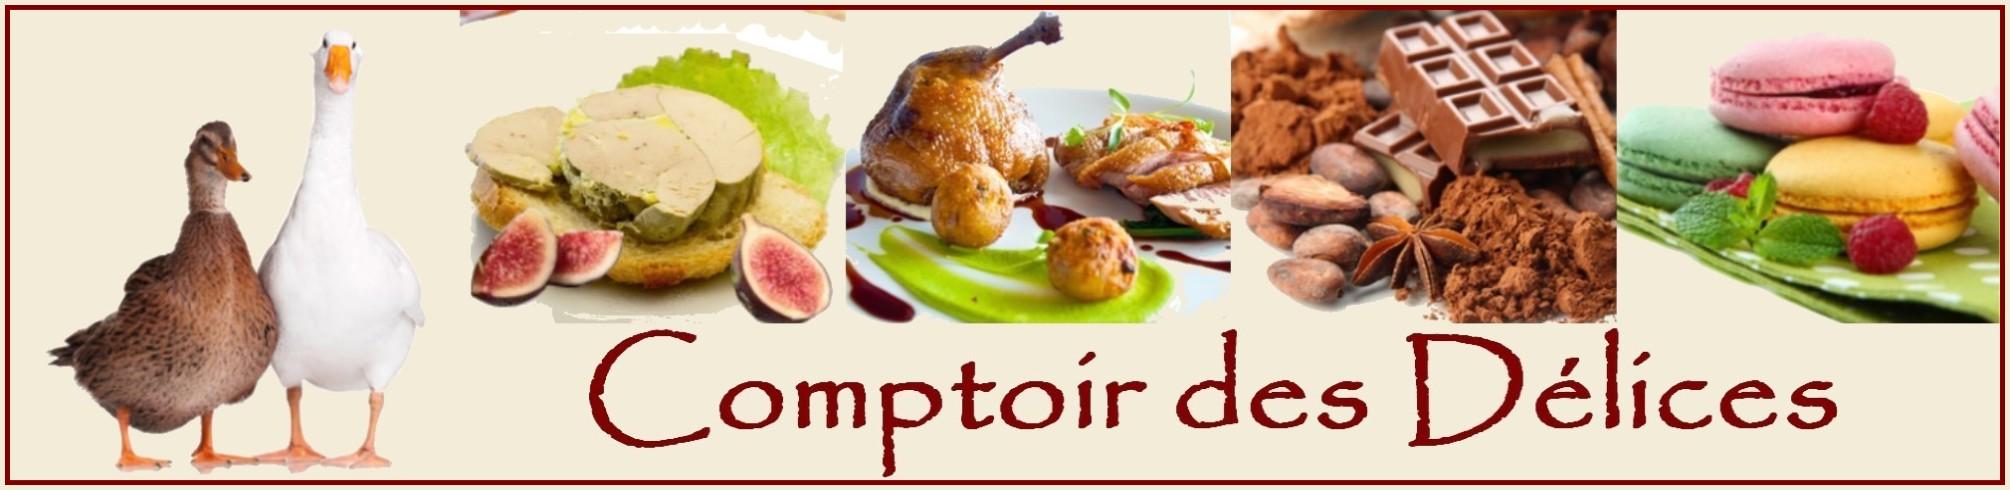 COMPTOIR DES DELICES - Epicerie fine Muret Toulouse - Gourmandises - Spécialiste du panier garni gourmand